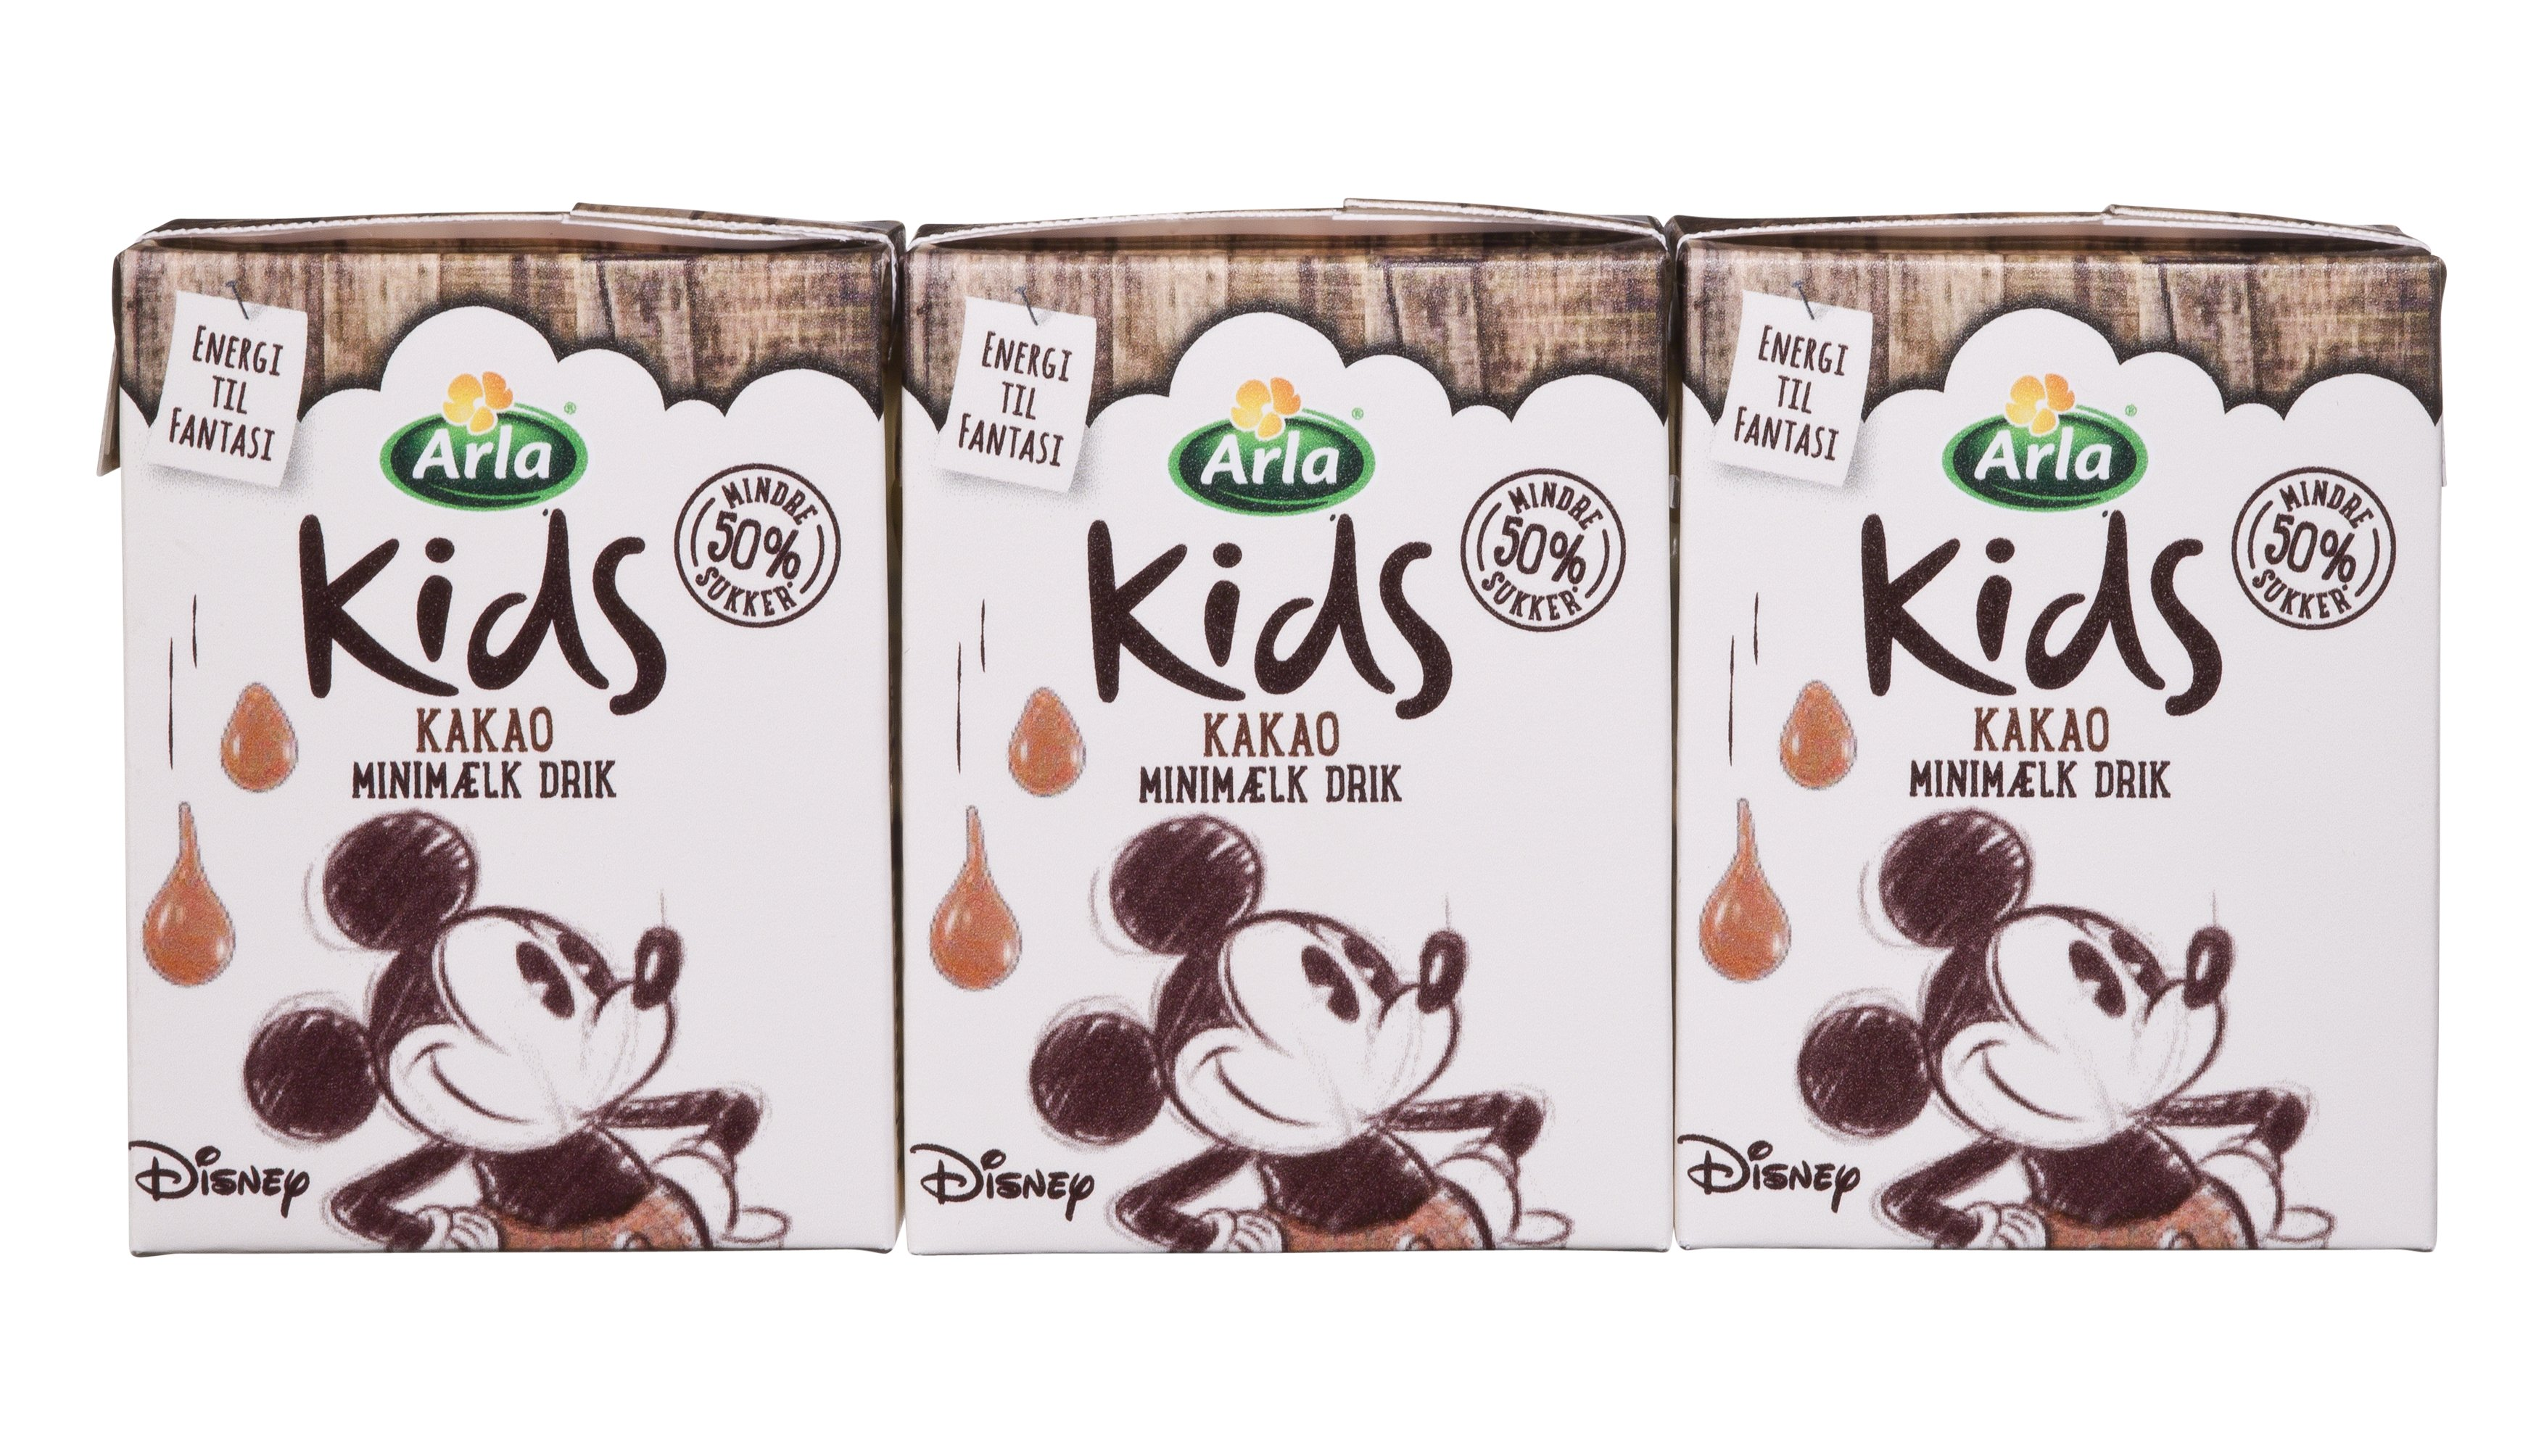 Kids kakaominimælk drik 0,4%